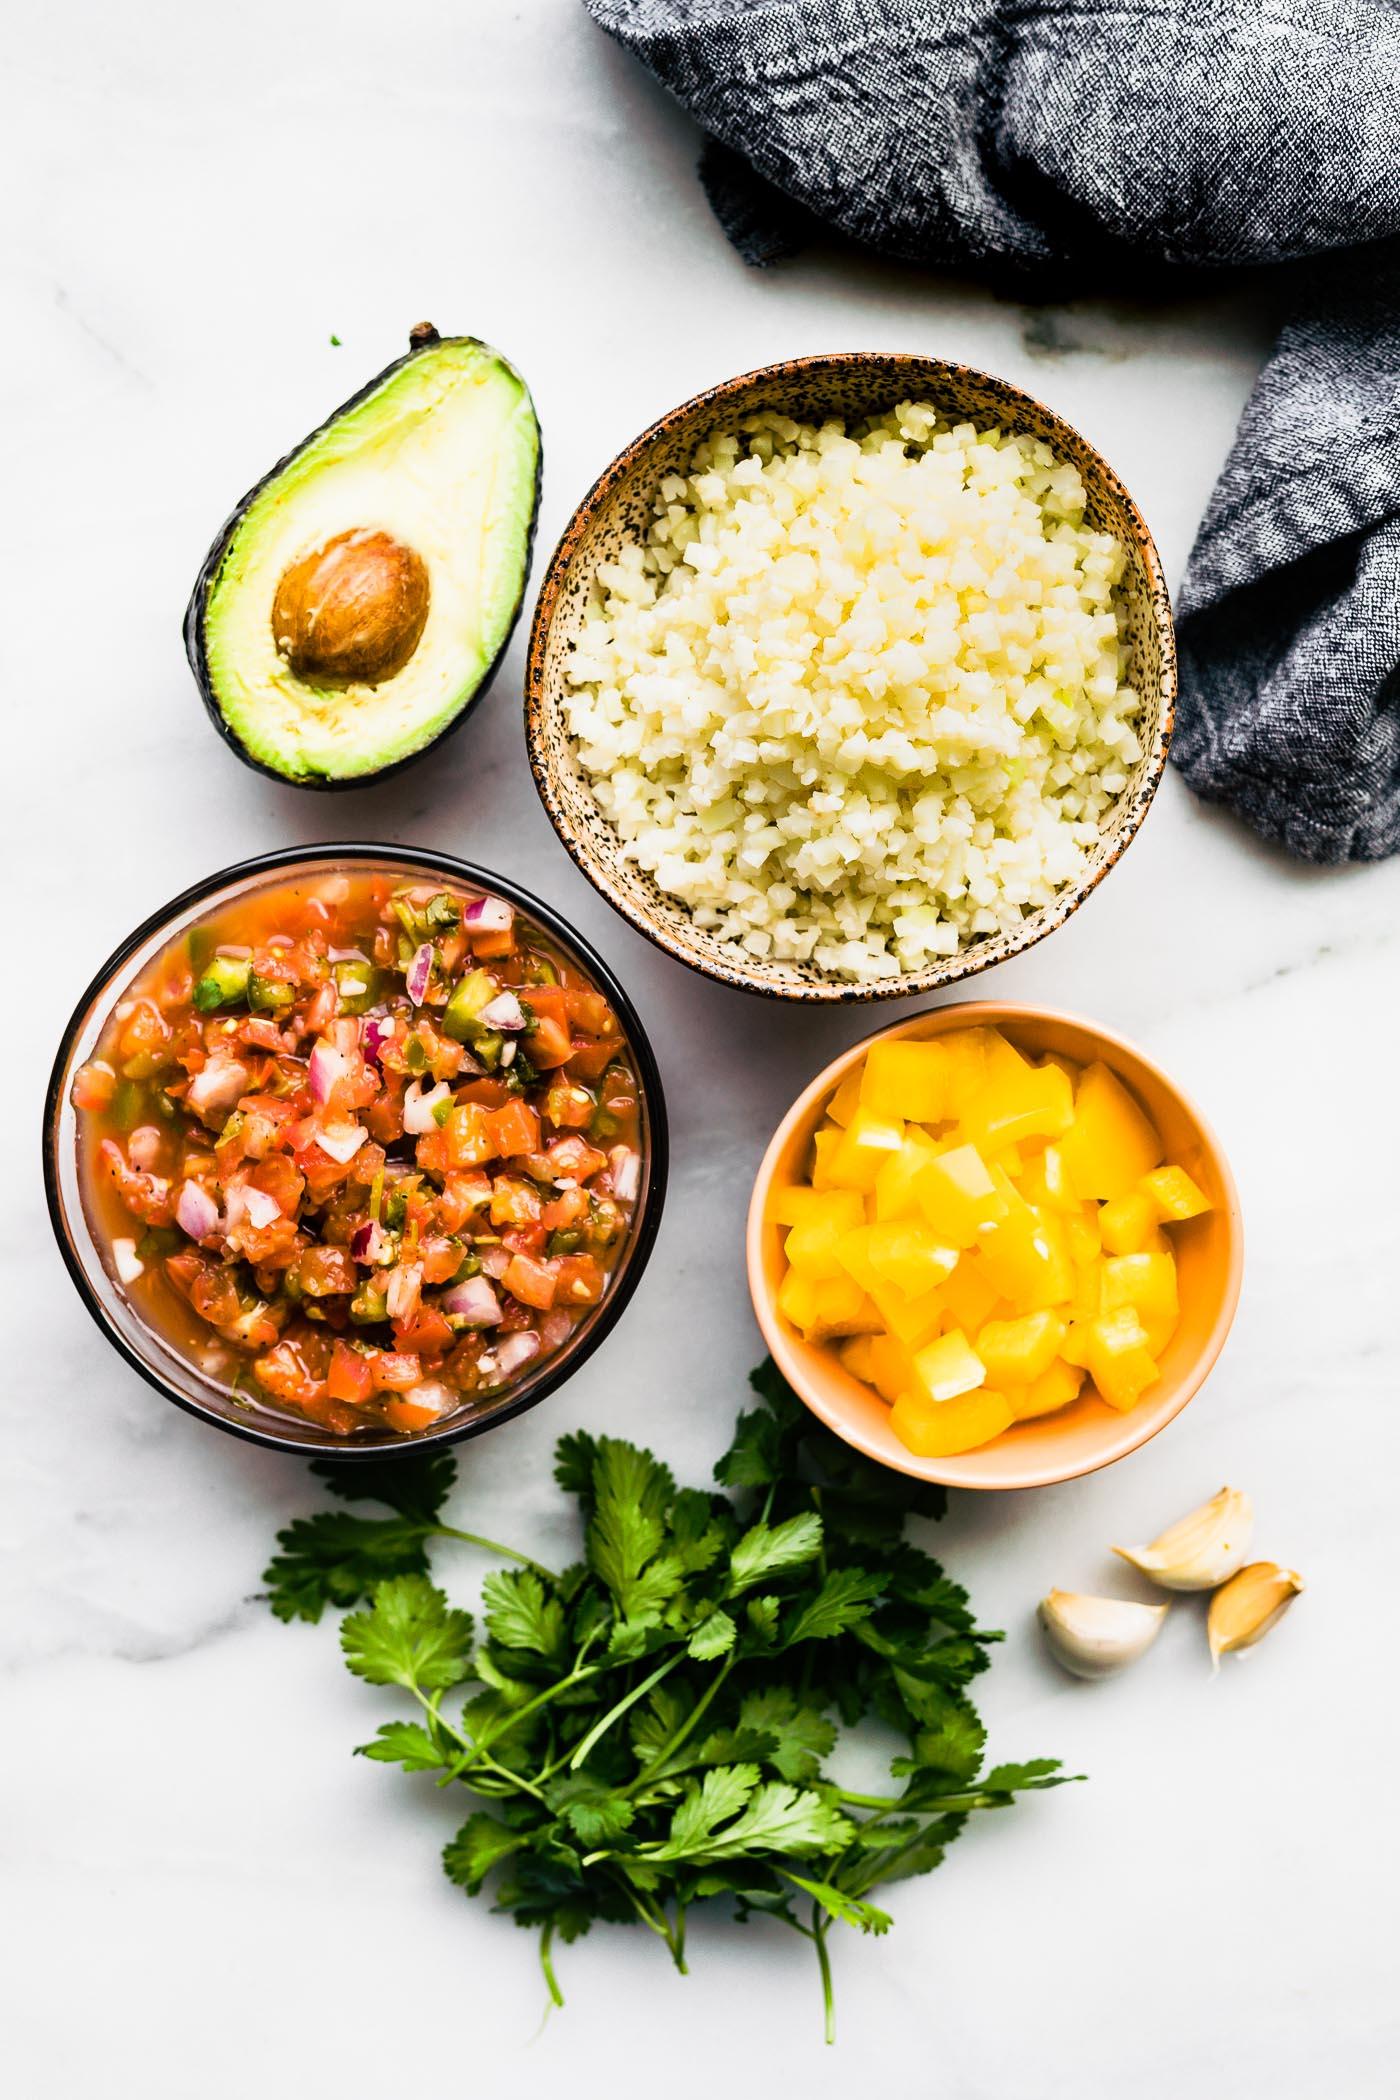 peppers, rice, avocado, pcio de gallo, and herbs on a table